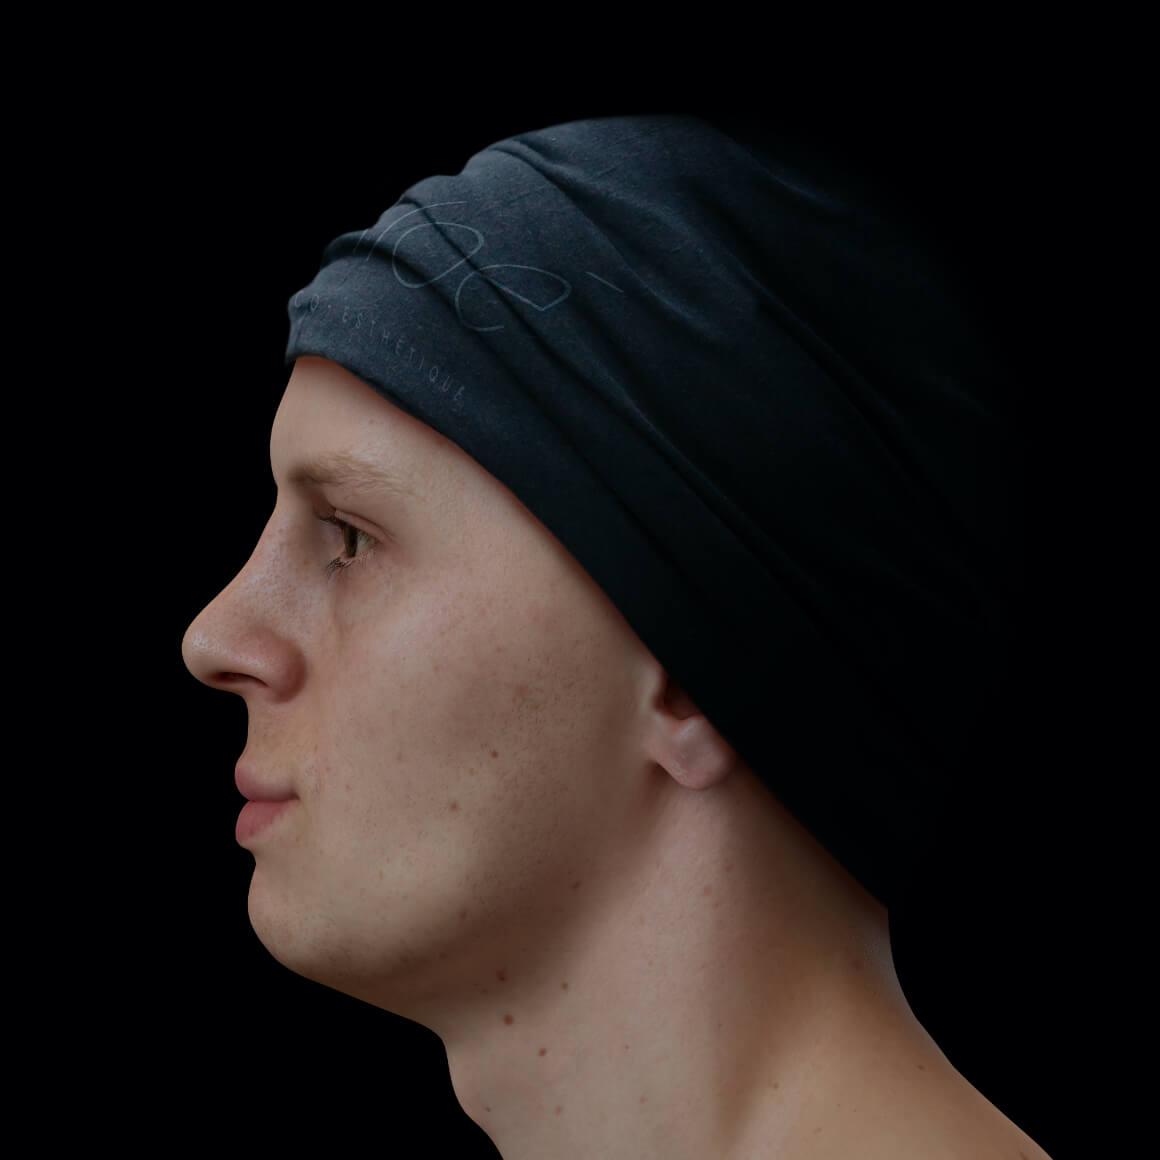 Patient de la Clinique Chloé positionné de côté avec une mâchoire peu définie